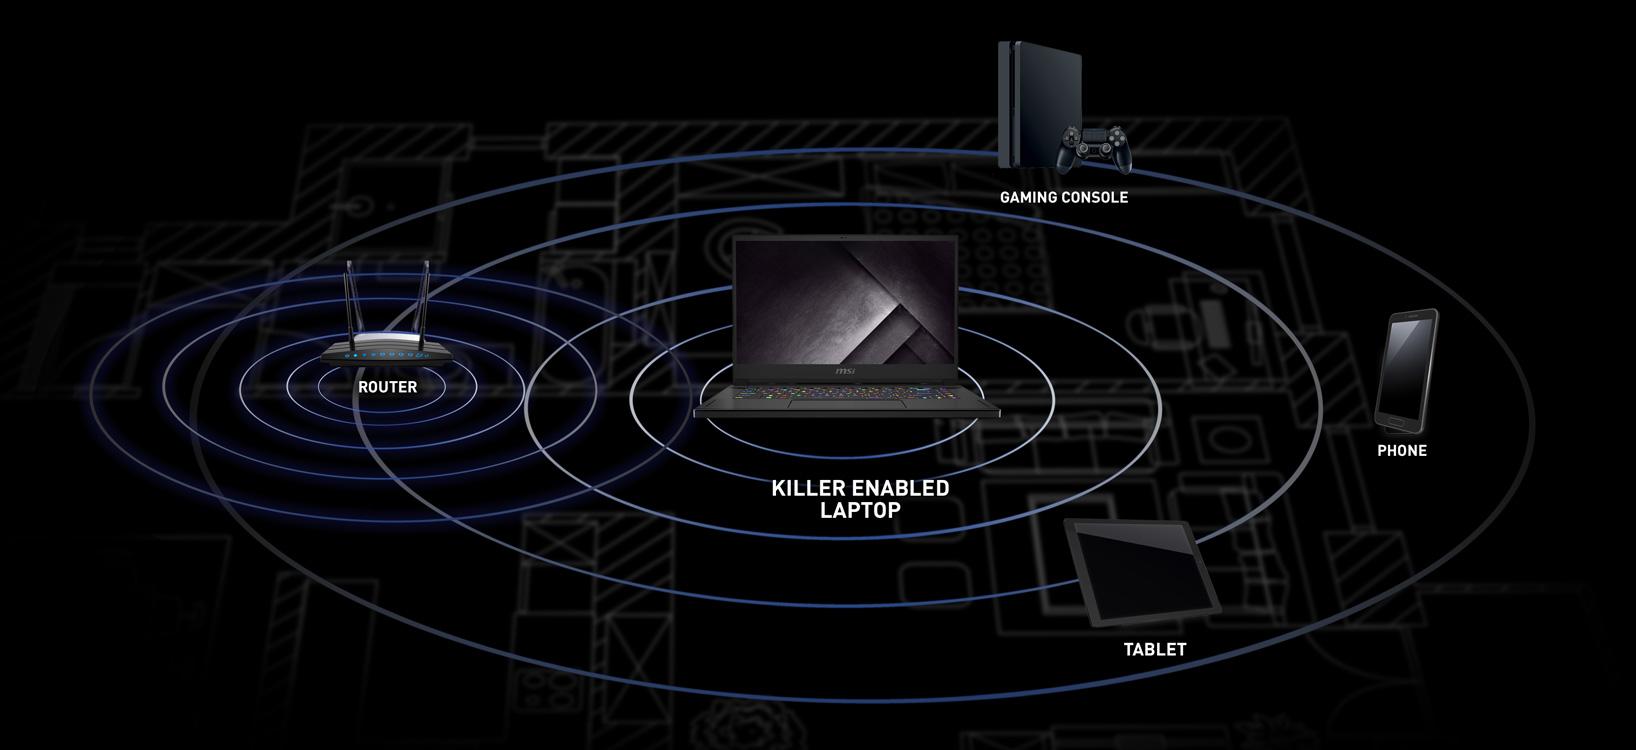 Killer xTend GS75